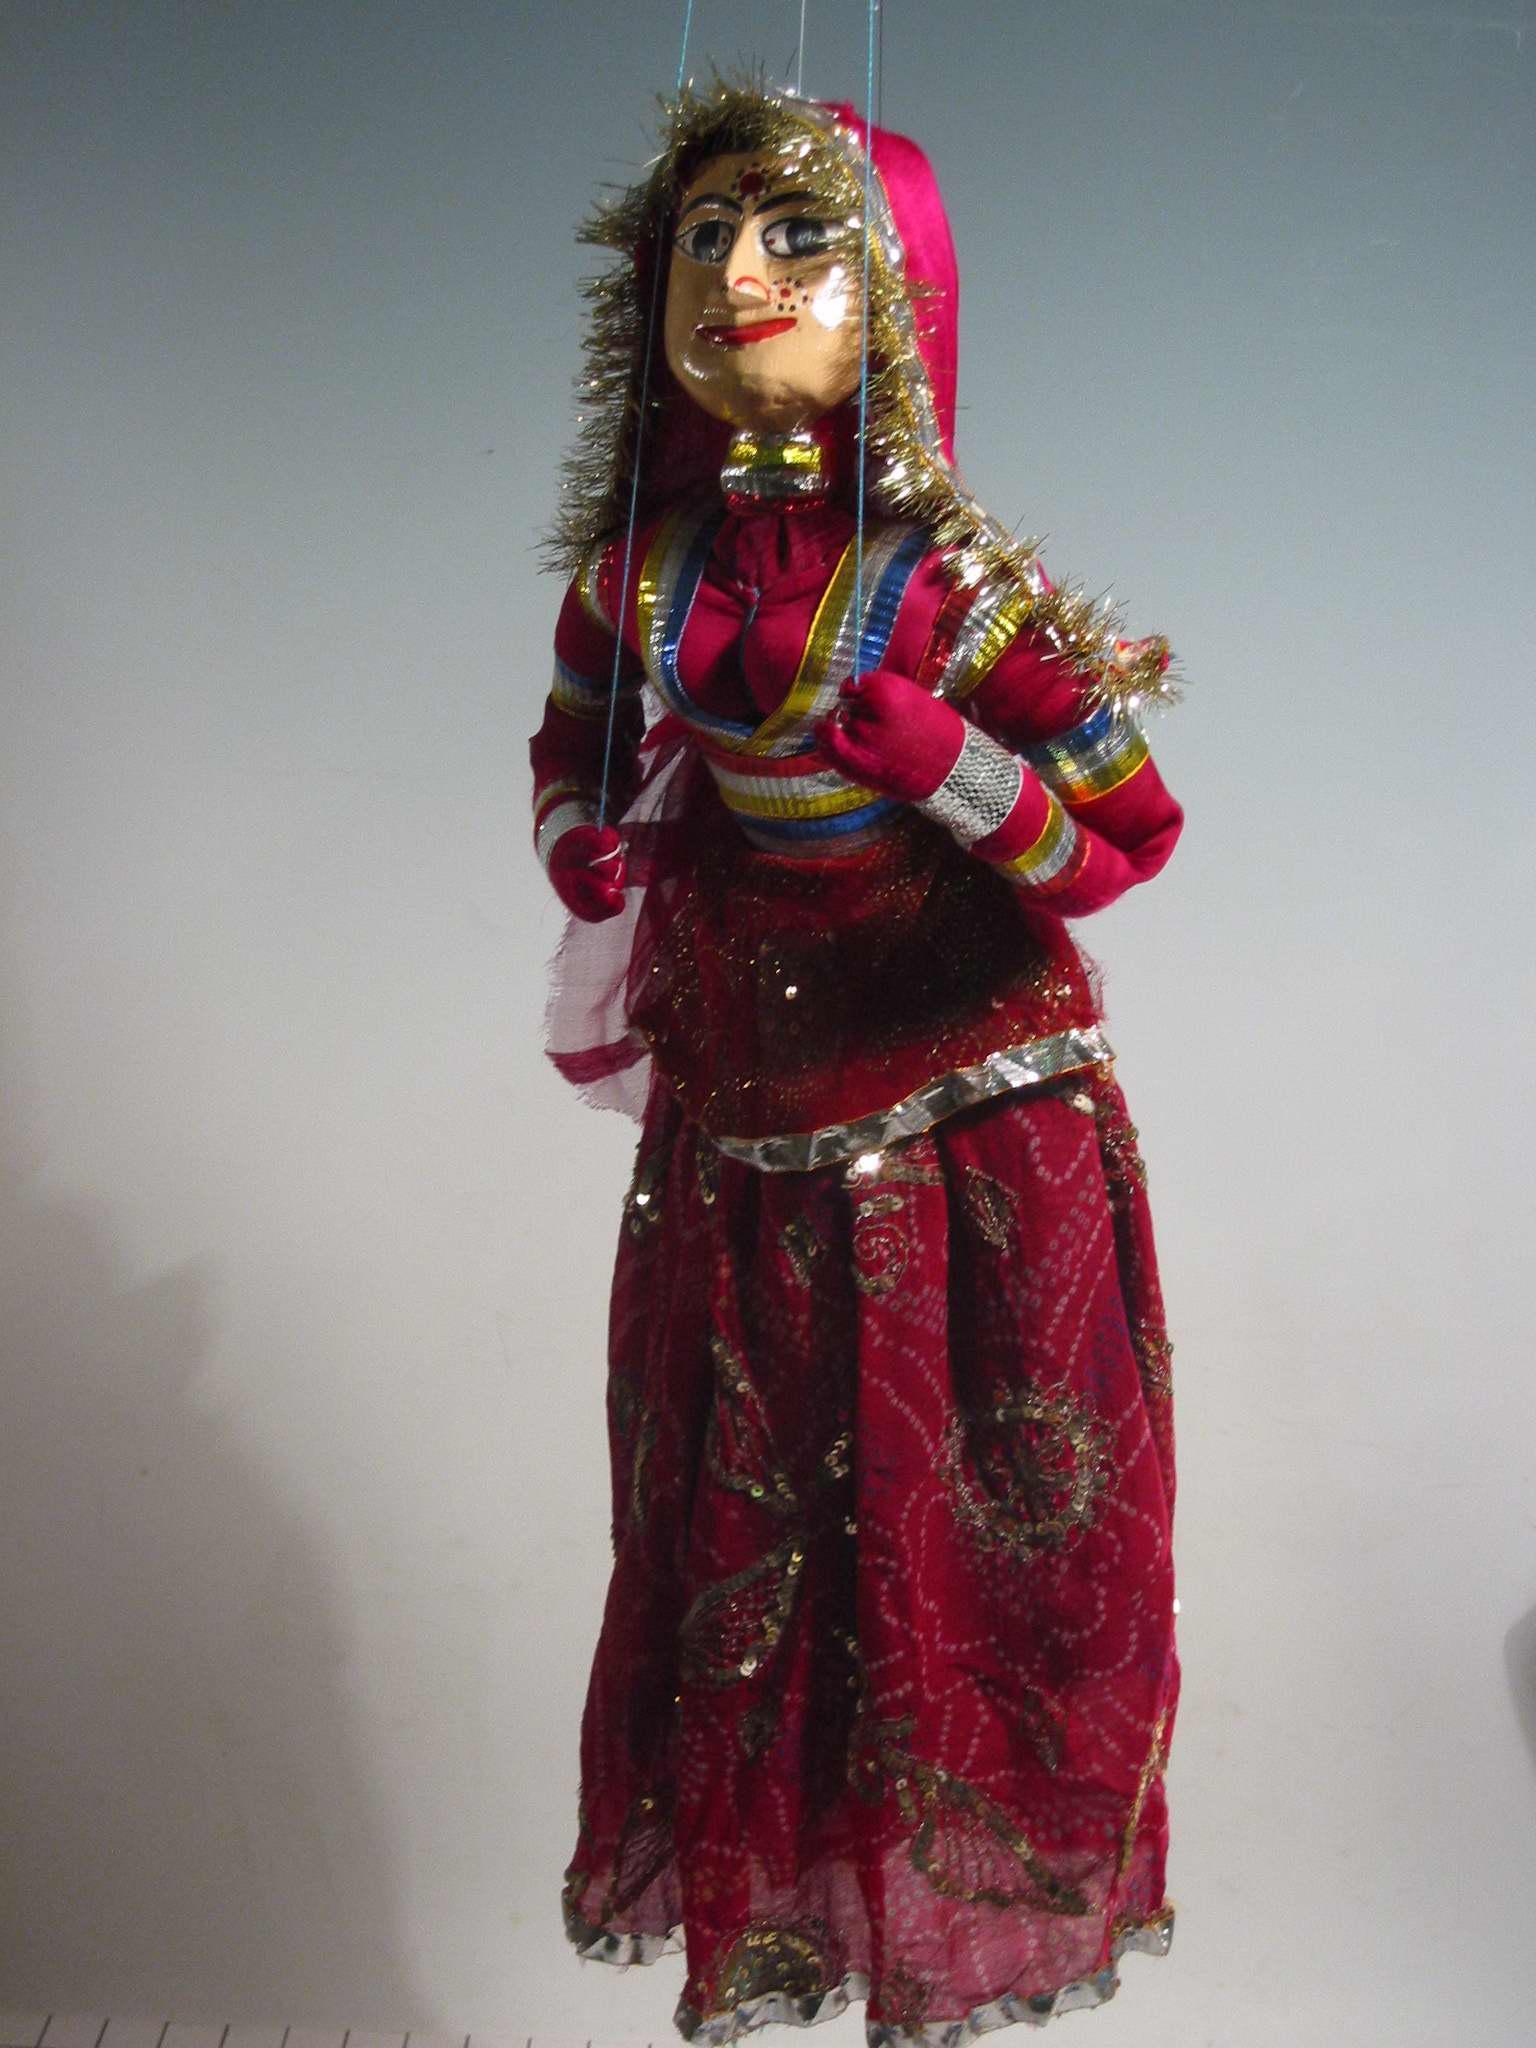 Une danseuse Rajasthani (fin du XXe siè<em>c</em>le), une marionnette à fils, <em>kathputli</em>, du Rajasthan, en Inde, hauteur : 60 <em>c</em>m. Colle<em>c</em>tion : Center for Puppetry Arts (Atlanta, Géorgie, États-Unis). Photo réproduite avec l'aimable autorisation de Center for Puppetry Arts